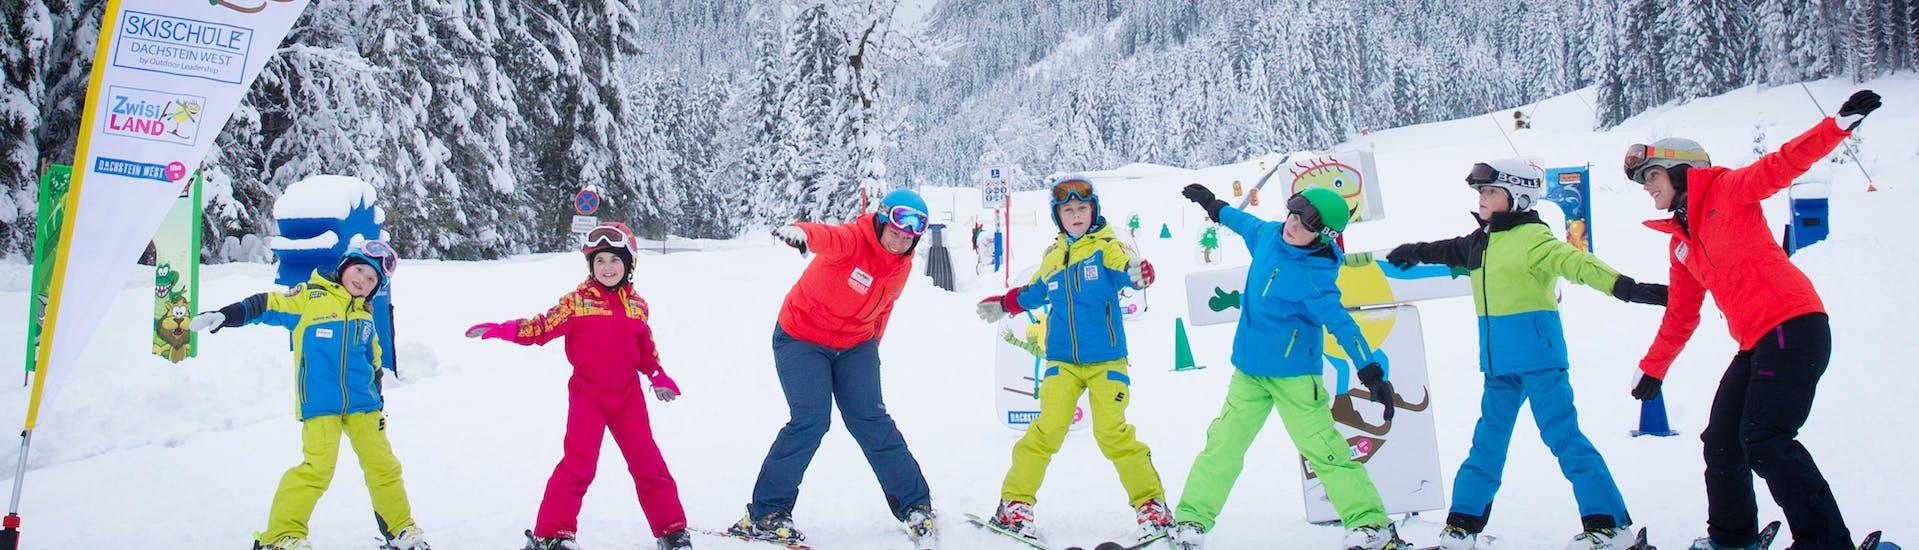 Skilessen voor kinderen vanaf 3 jaar - vergevorderd